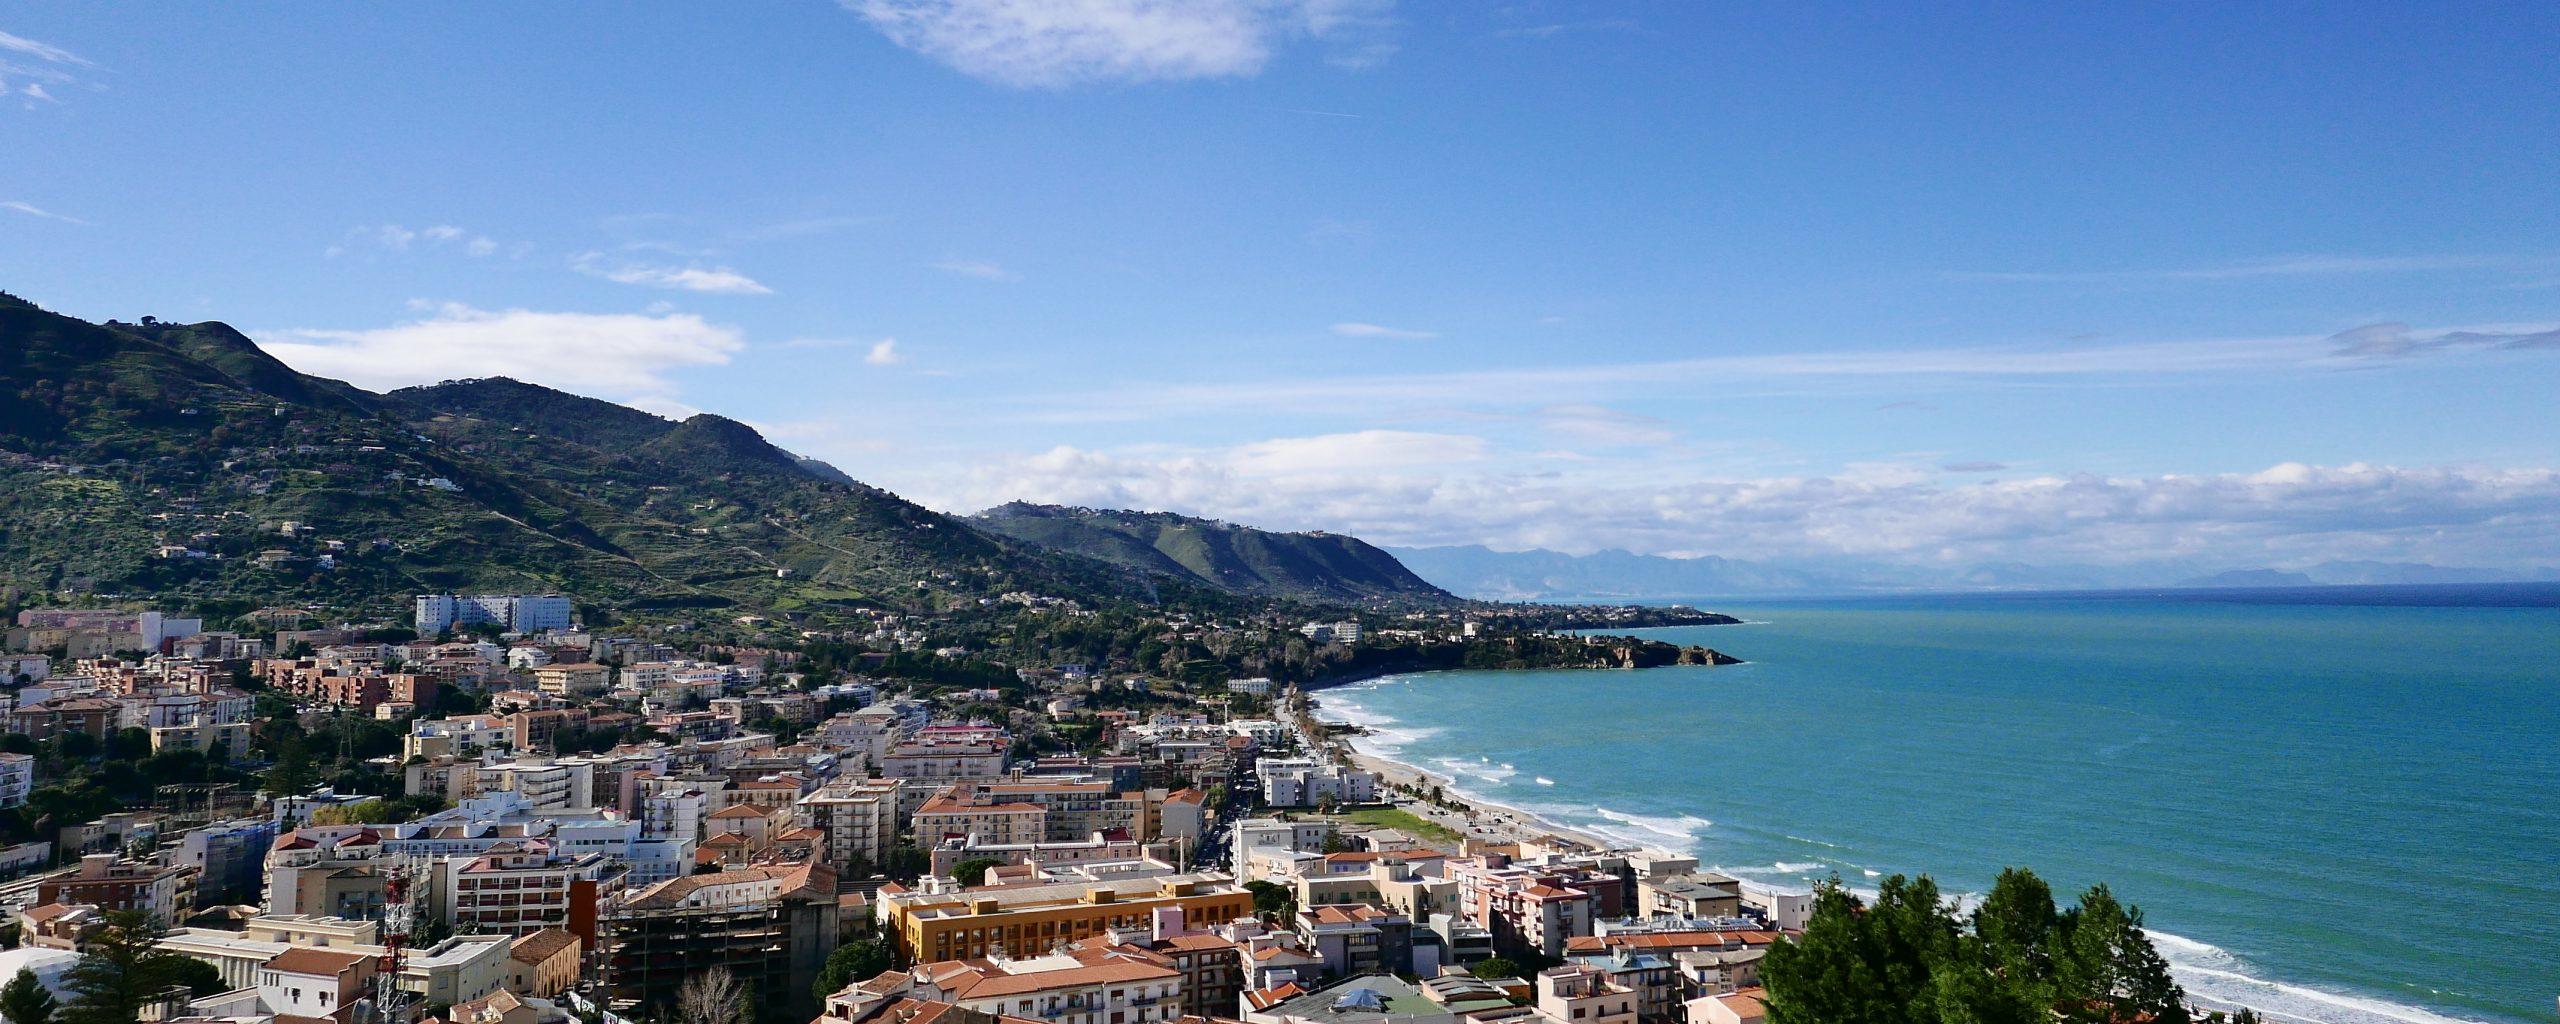 義大利自由行|西西里島交通、天數、花費、景點、行程Q&A